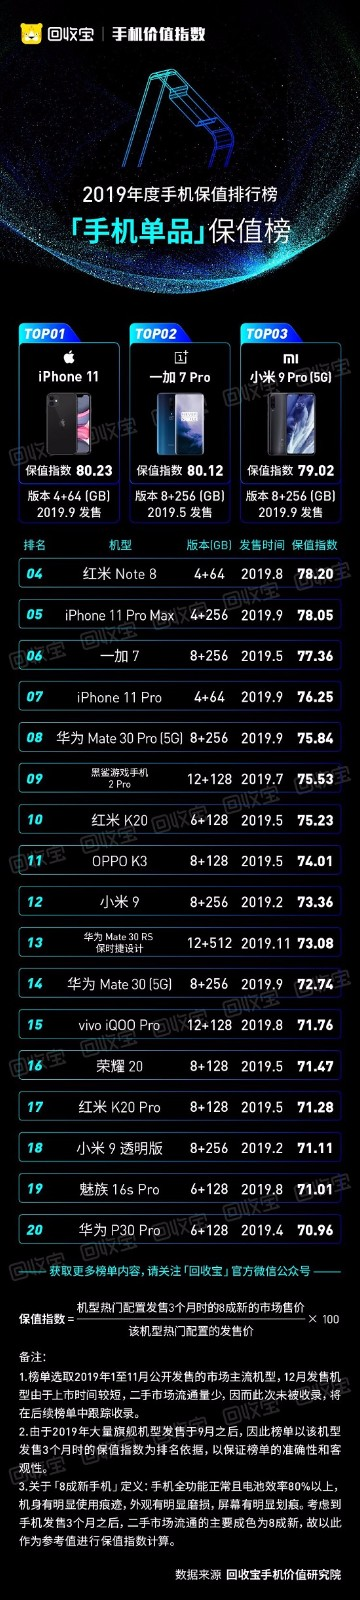 回收宝发布2019年手机价值指数,iPhone11成2019最保值手机